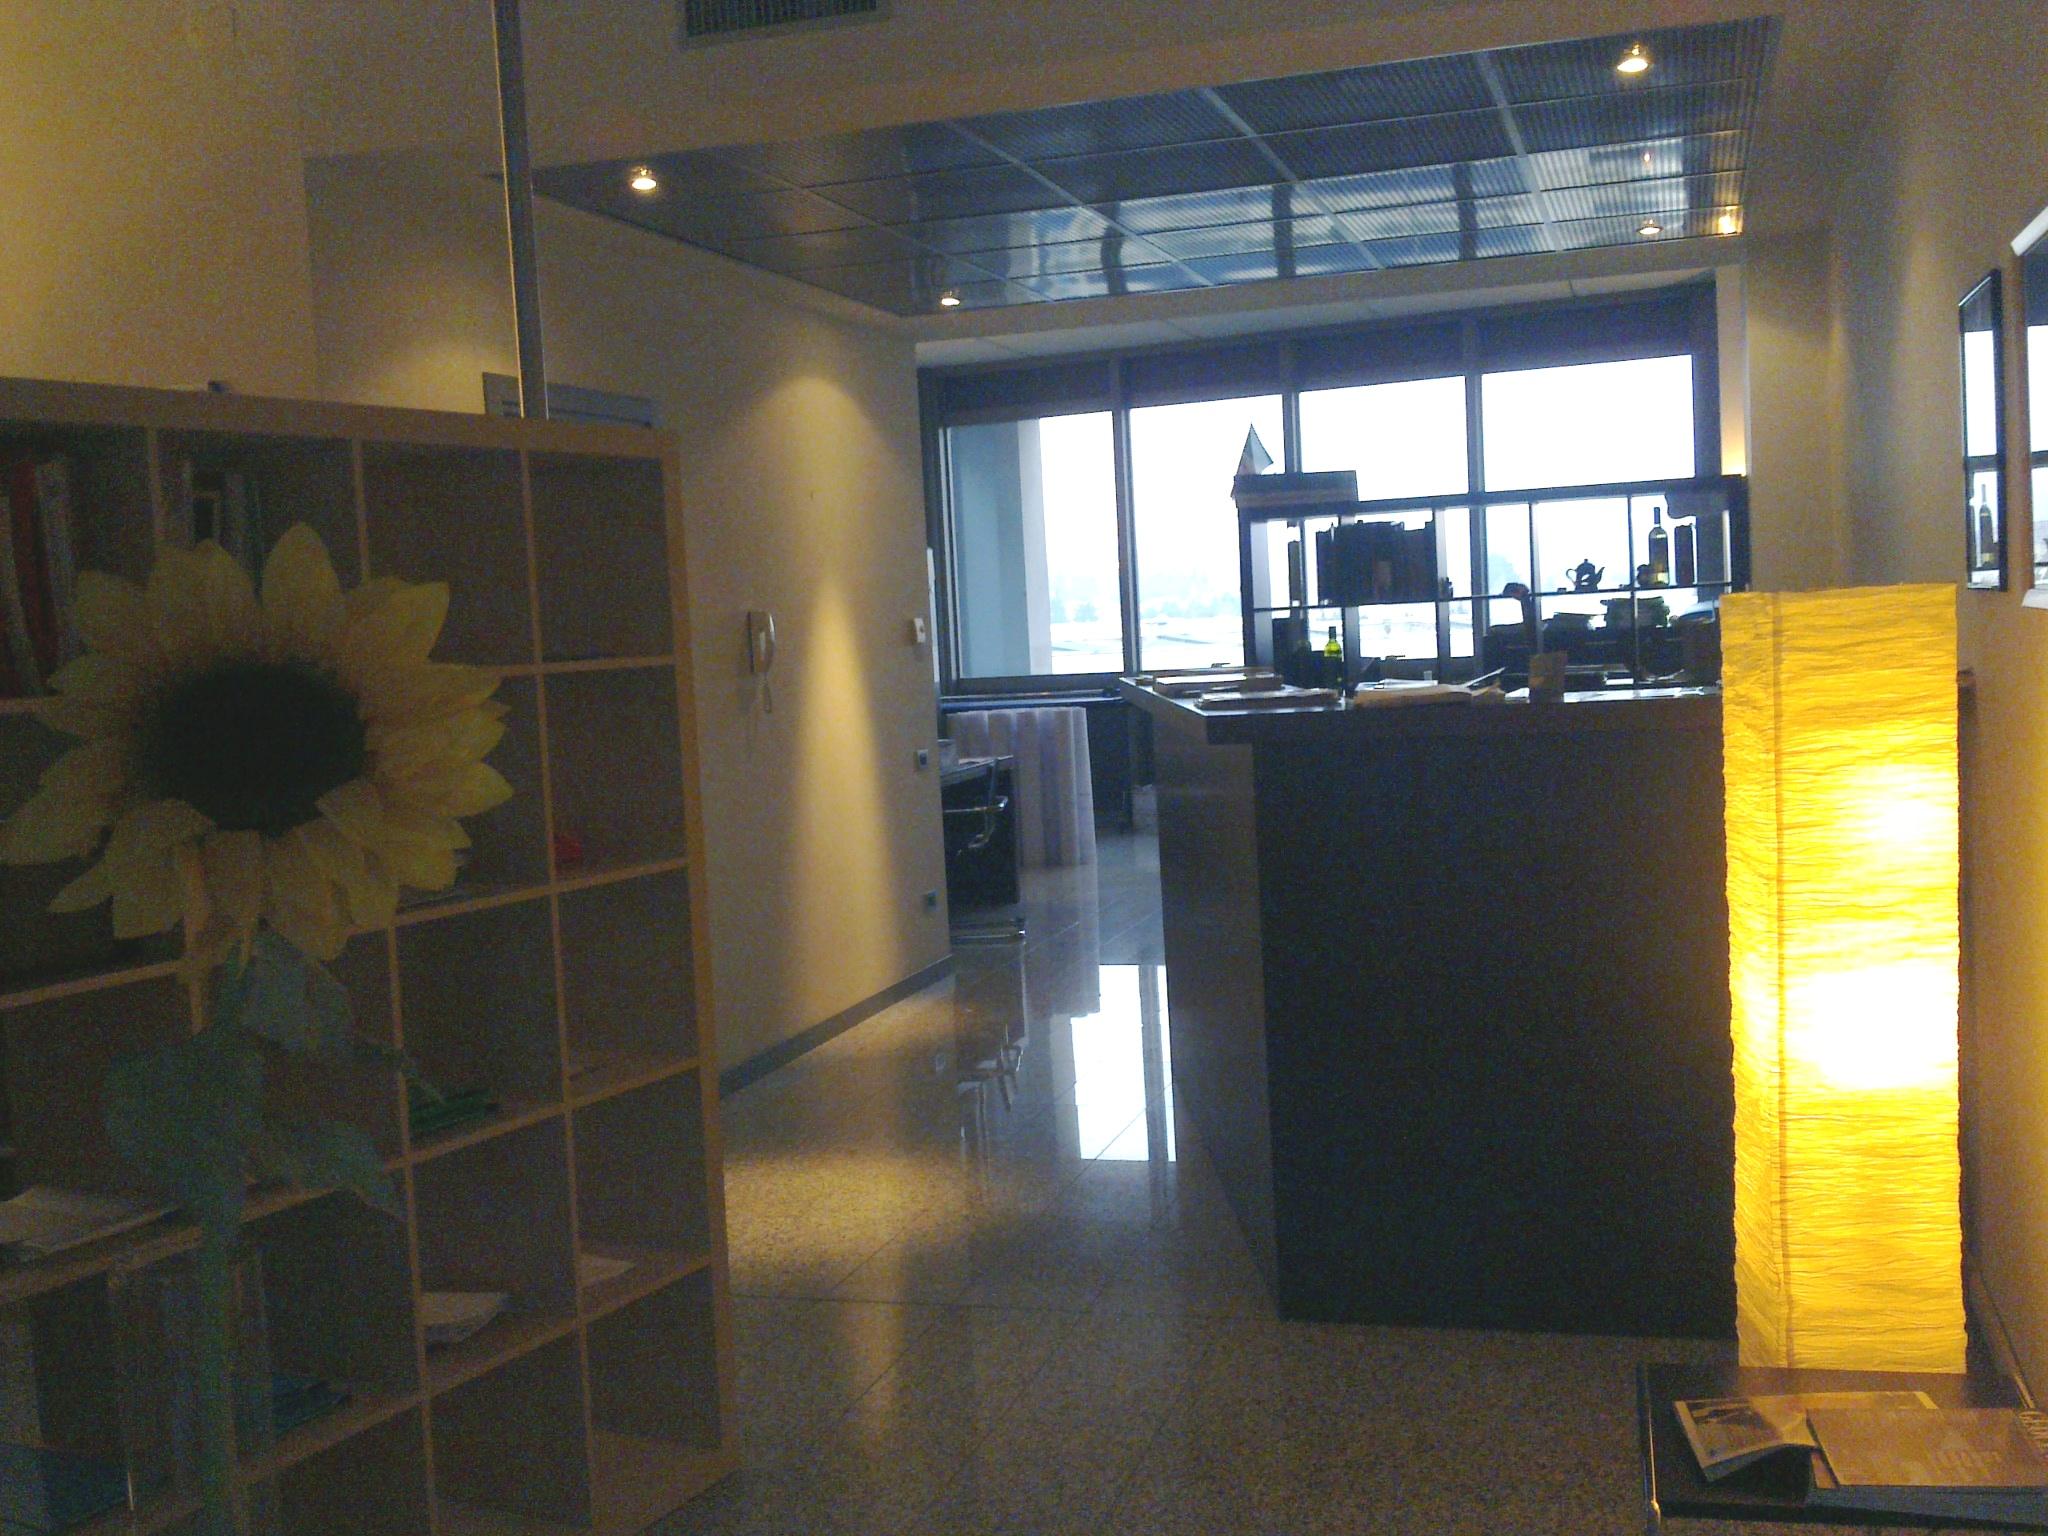 Ufficio in locazione a san martino buon albergo lunardi for Affitto san martino buon albergo arredato